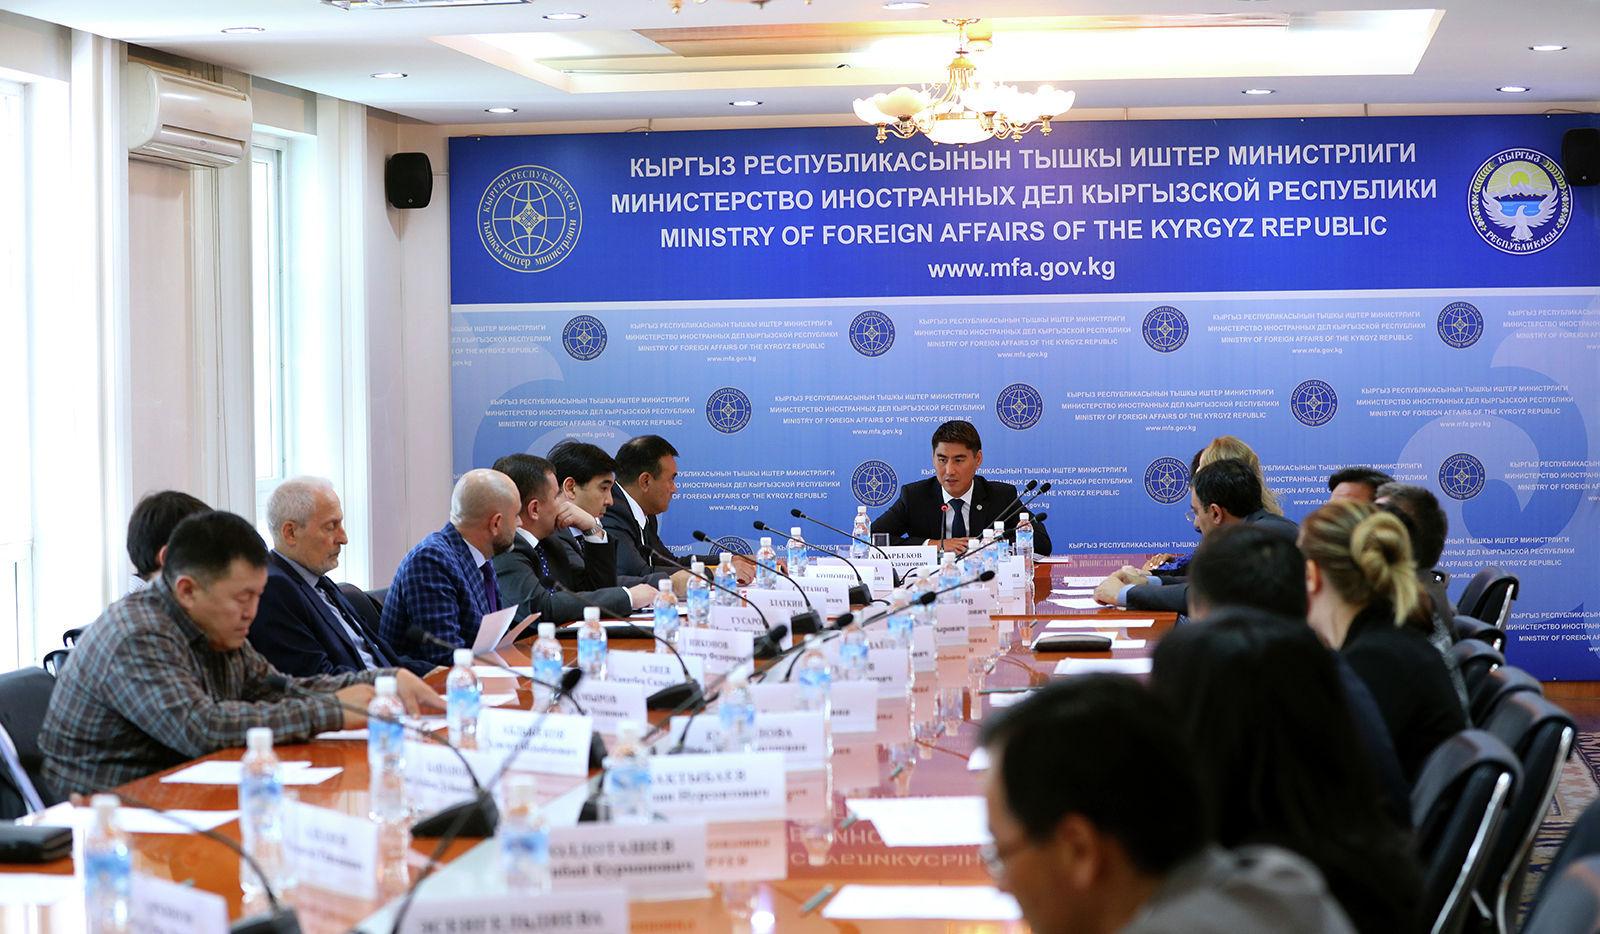 Состоялось совещание с почетными консулами иностранных государств, аккредитованными в Кыргызской Республике с участием Министра иностранных дел Кыргызской Республики Чингиза Айдарбекова. 10 сентября 2019 года